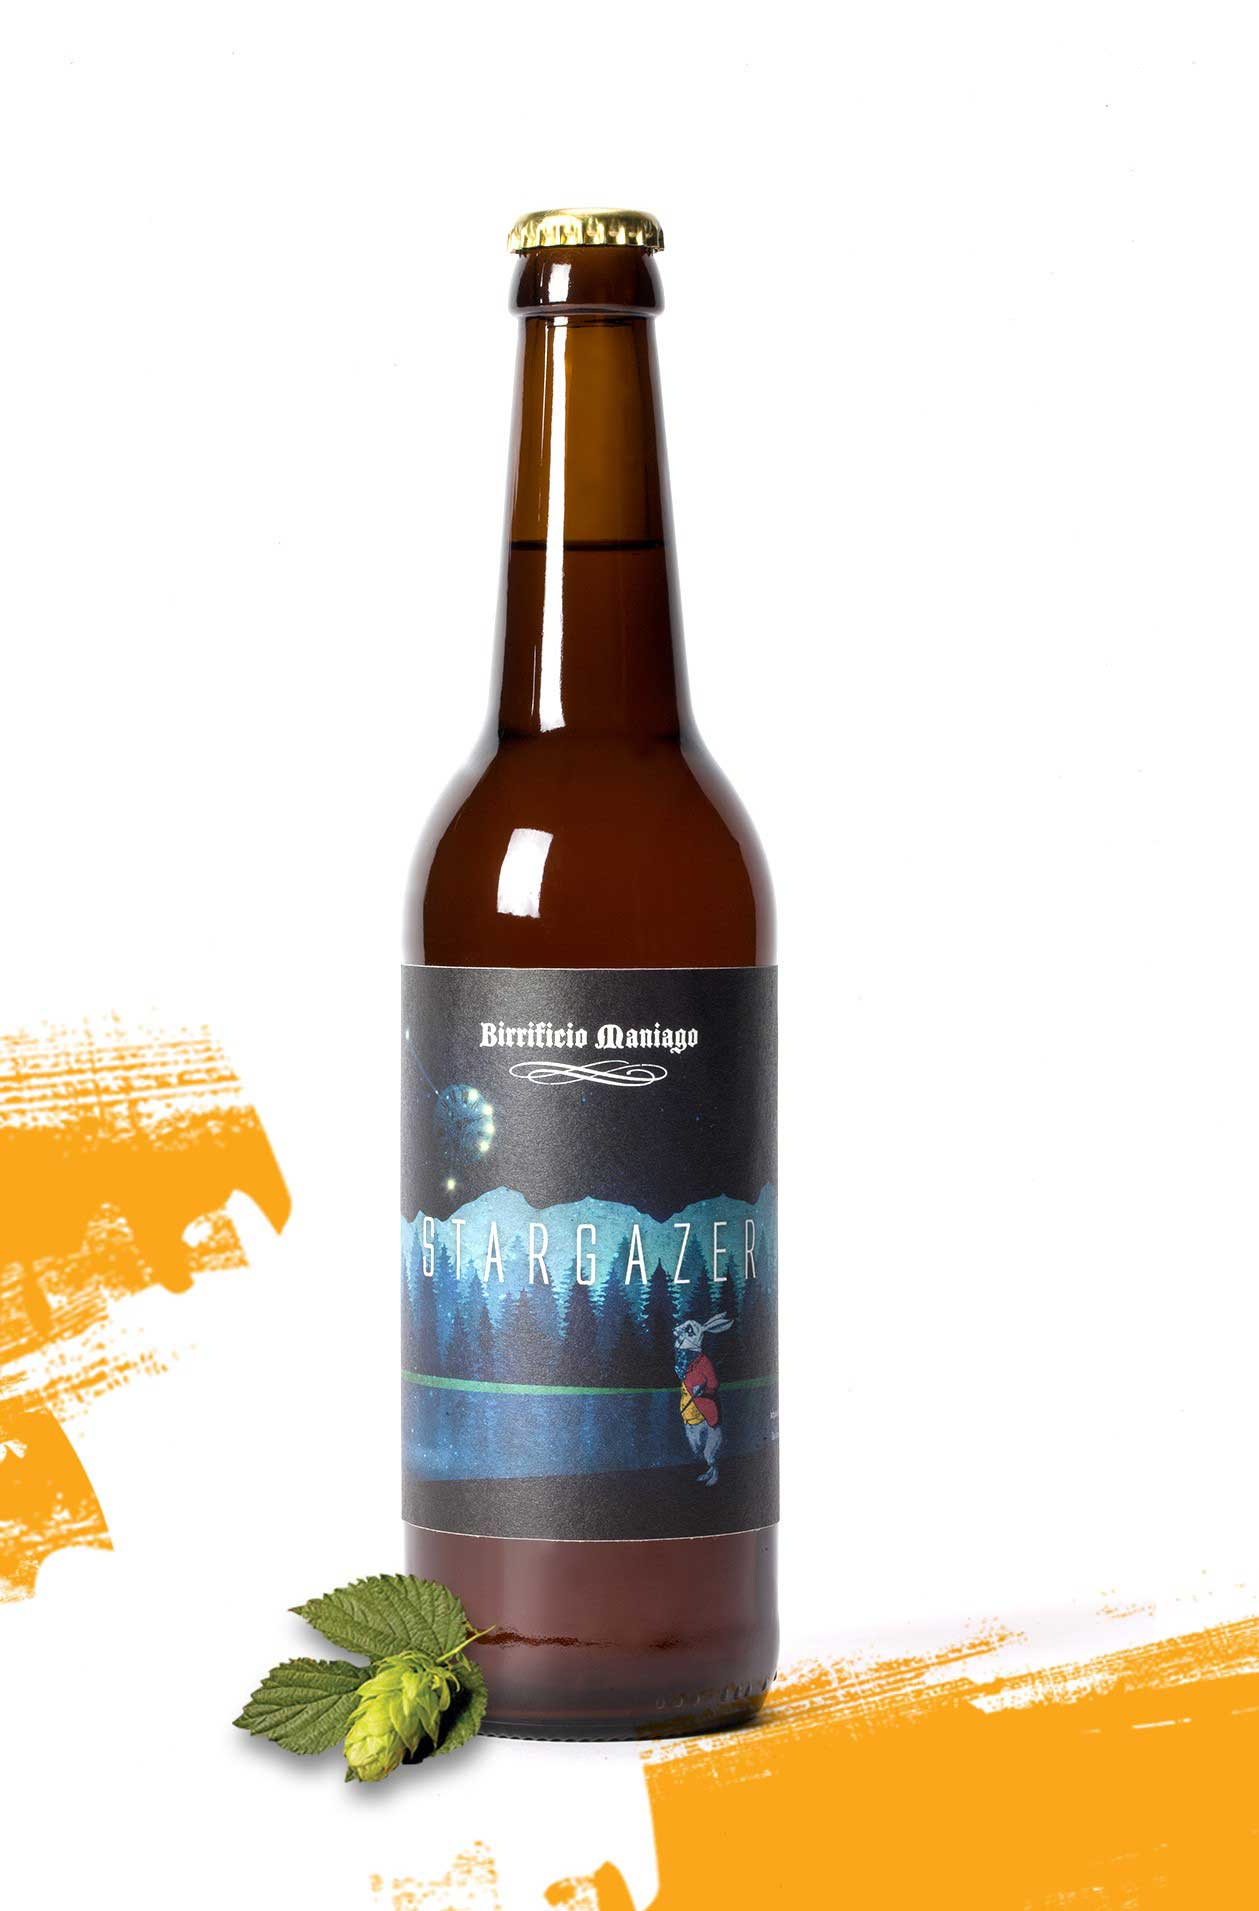 Stargazer - Birrificio di Maniago - Bottiglia da o.5 L